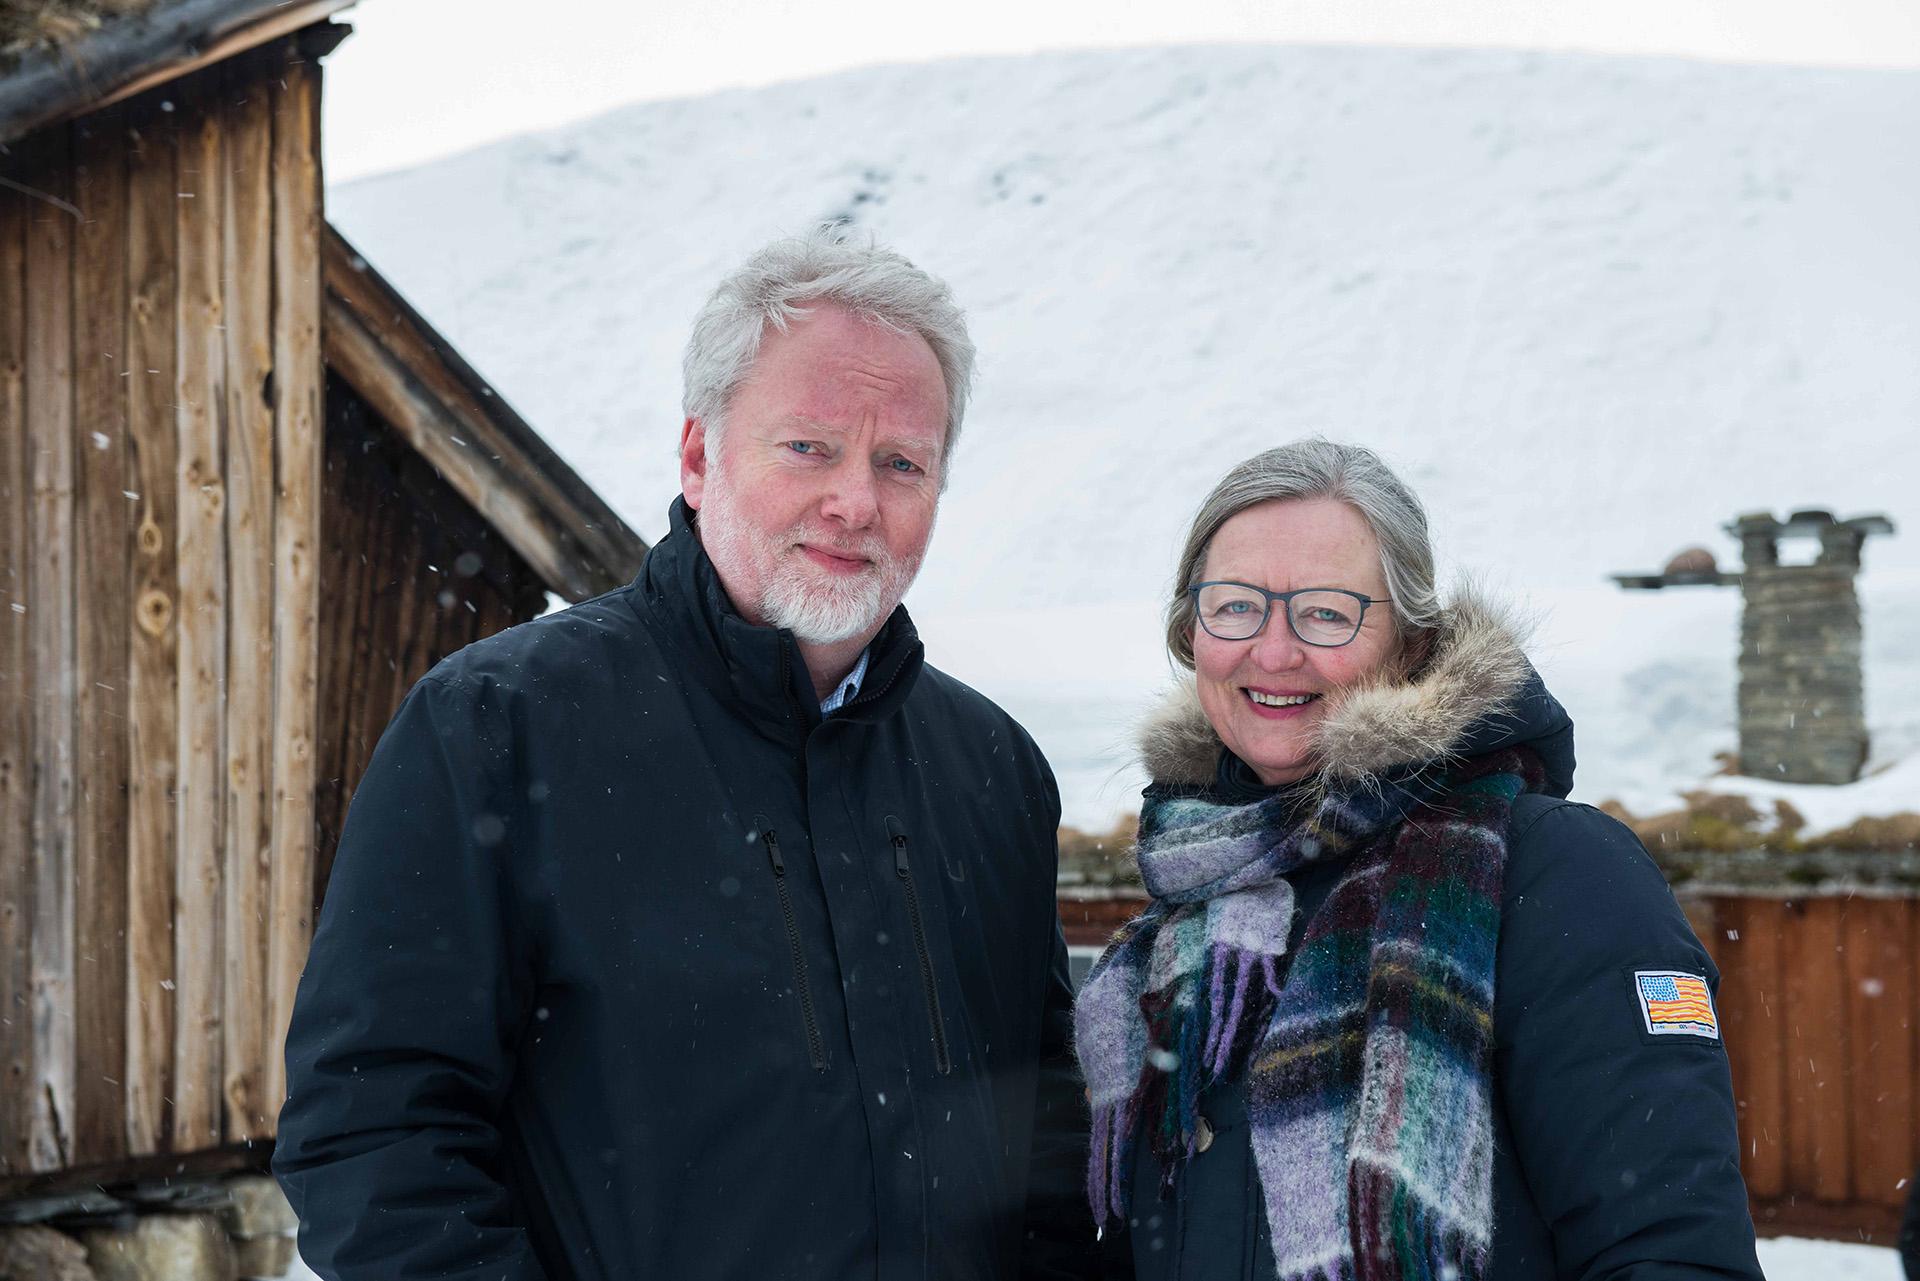 Bilde av Riksantikvar Jørn Holme og fagdirektør Berit Lein. Bildet er tatt på Røros, ett av Norges verdensarvsteder. Foto: Thorleif Thorsen